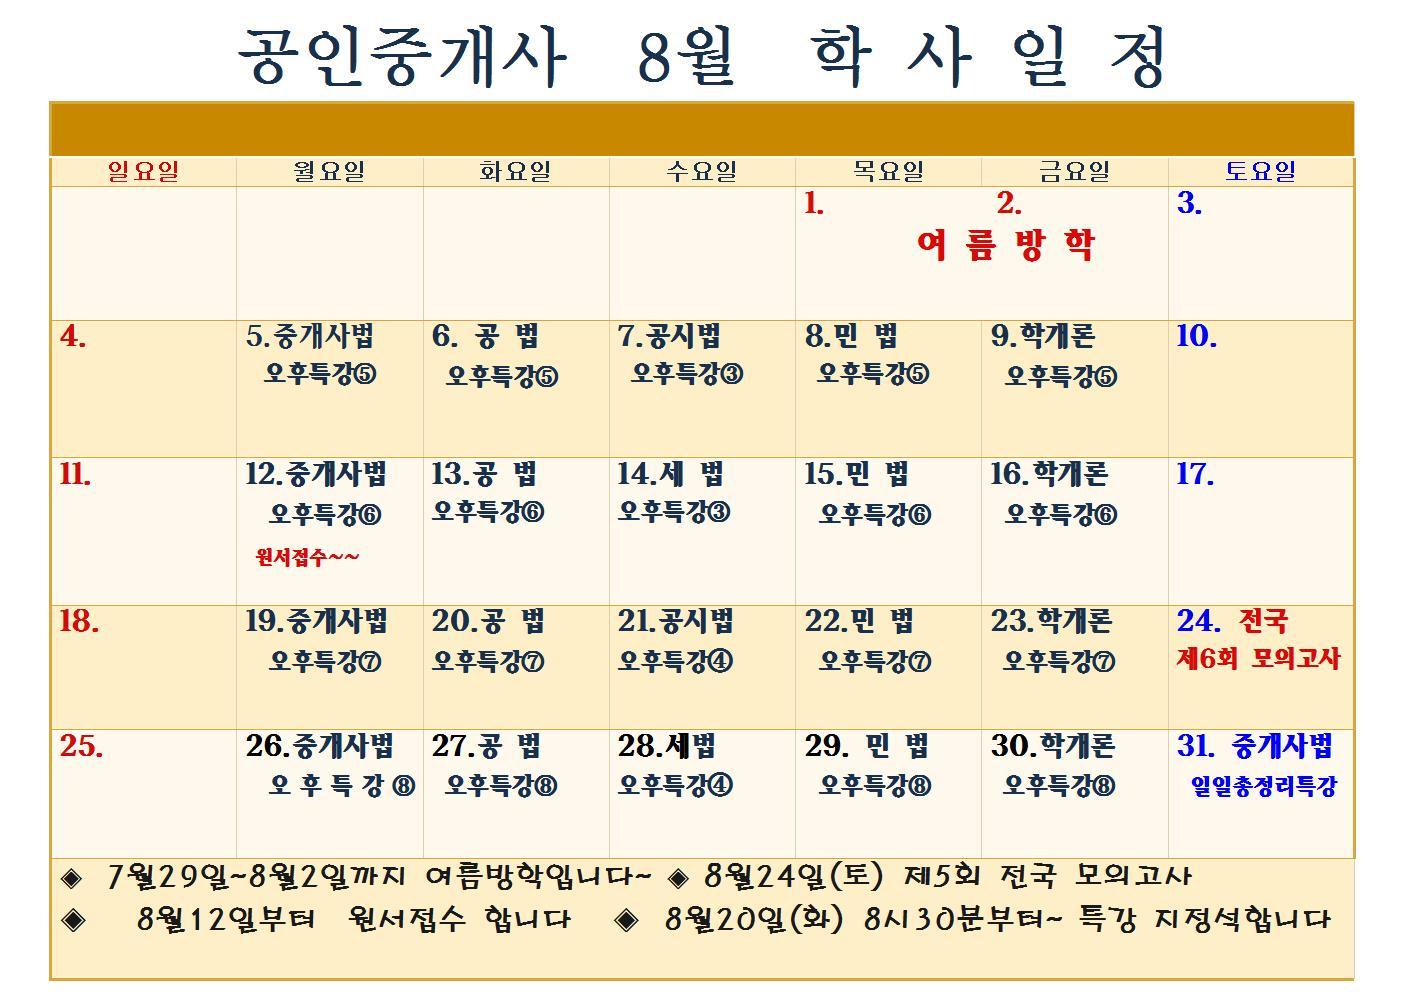 공인중개사 8월 학사일정